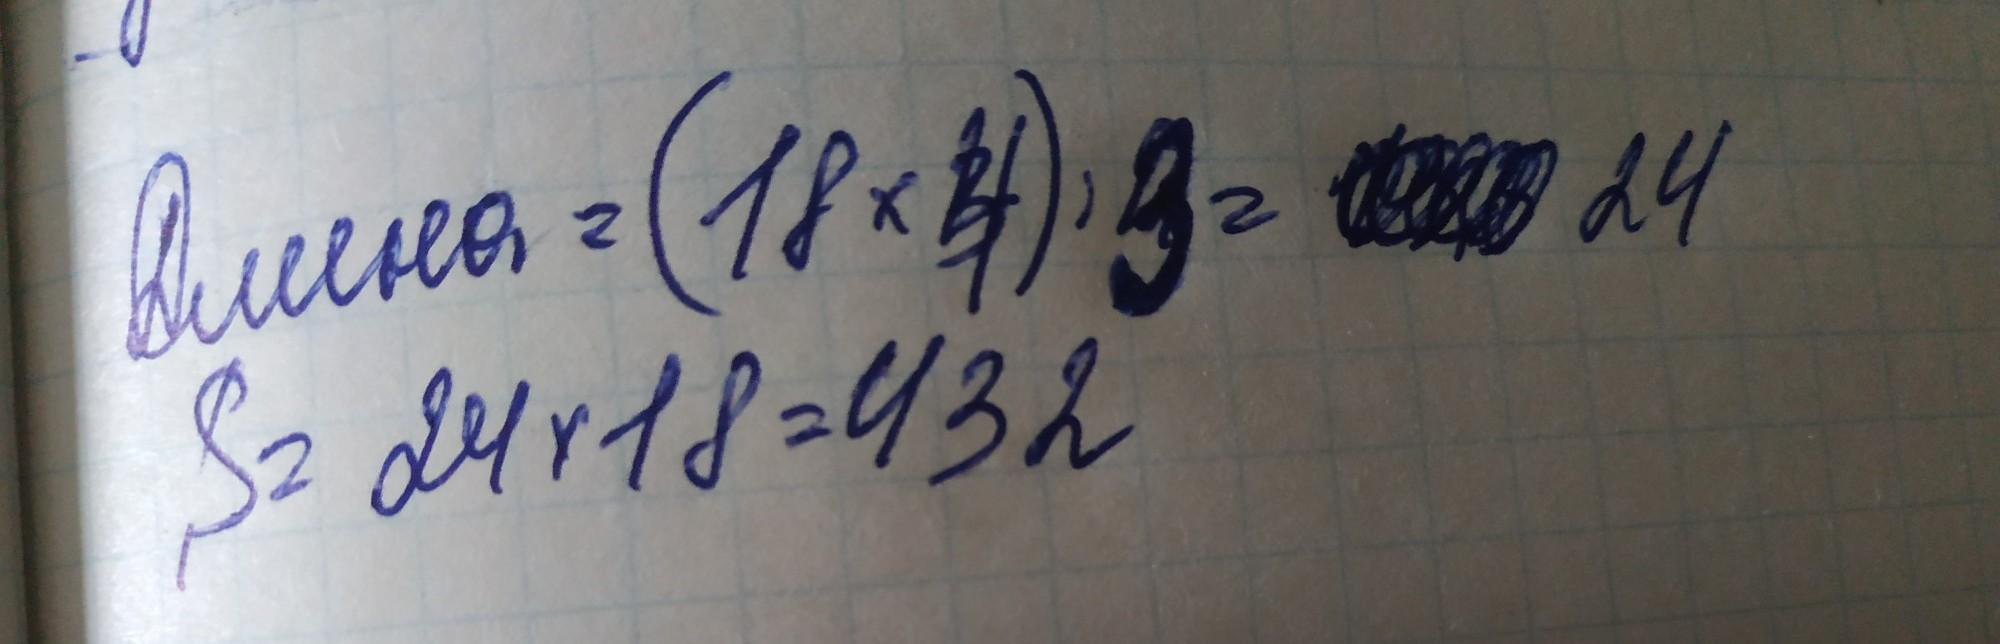 Ширина прямоугольника равна 18 см что составляет